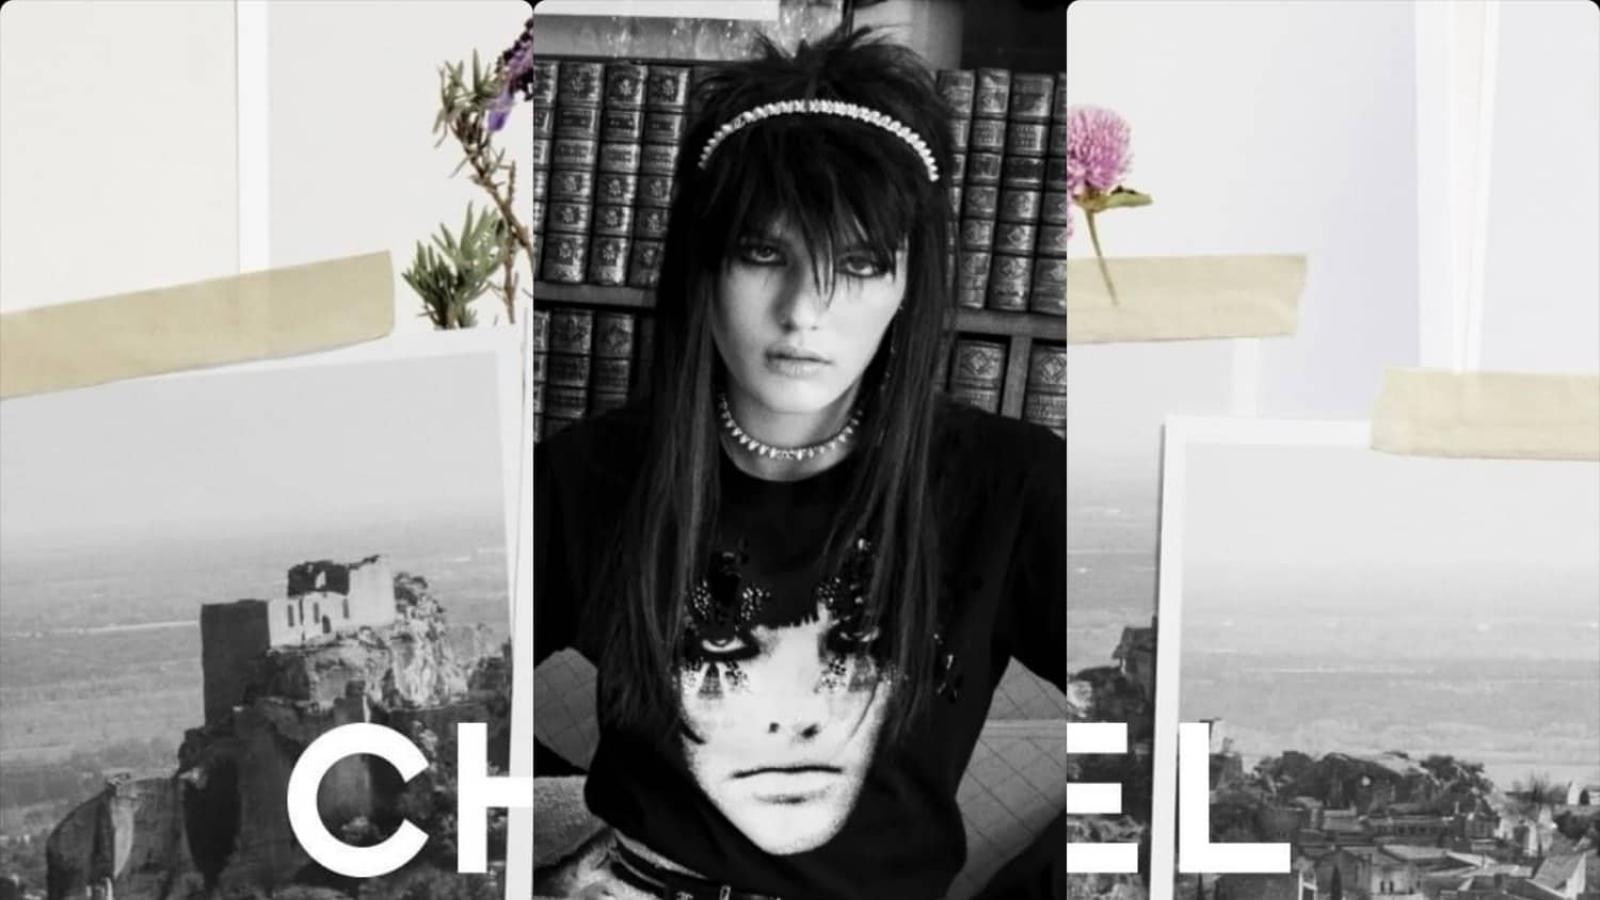 Chanel Cruise 2022: Chất rock punk nổi loạn trong thiết kế cổ điển của nhà mốt Pháp